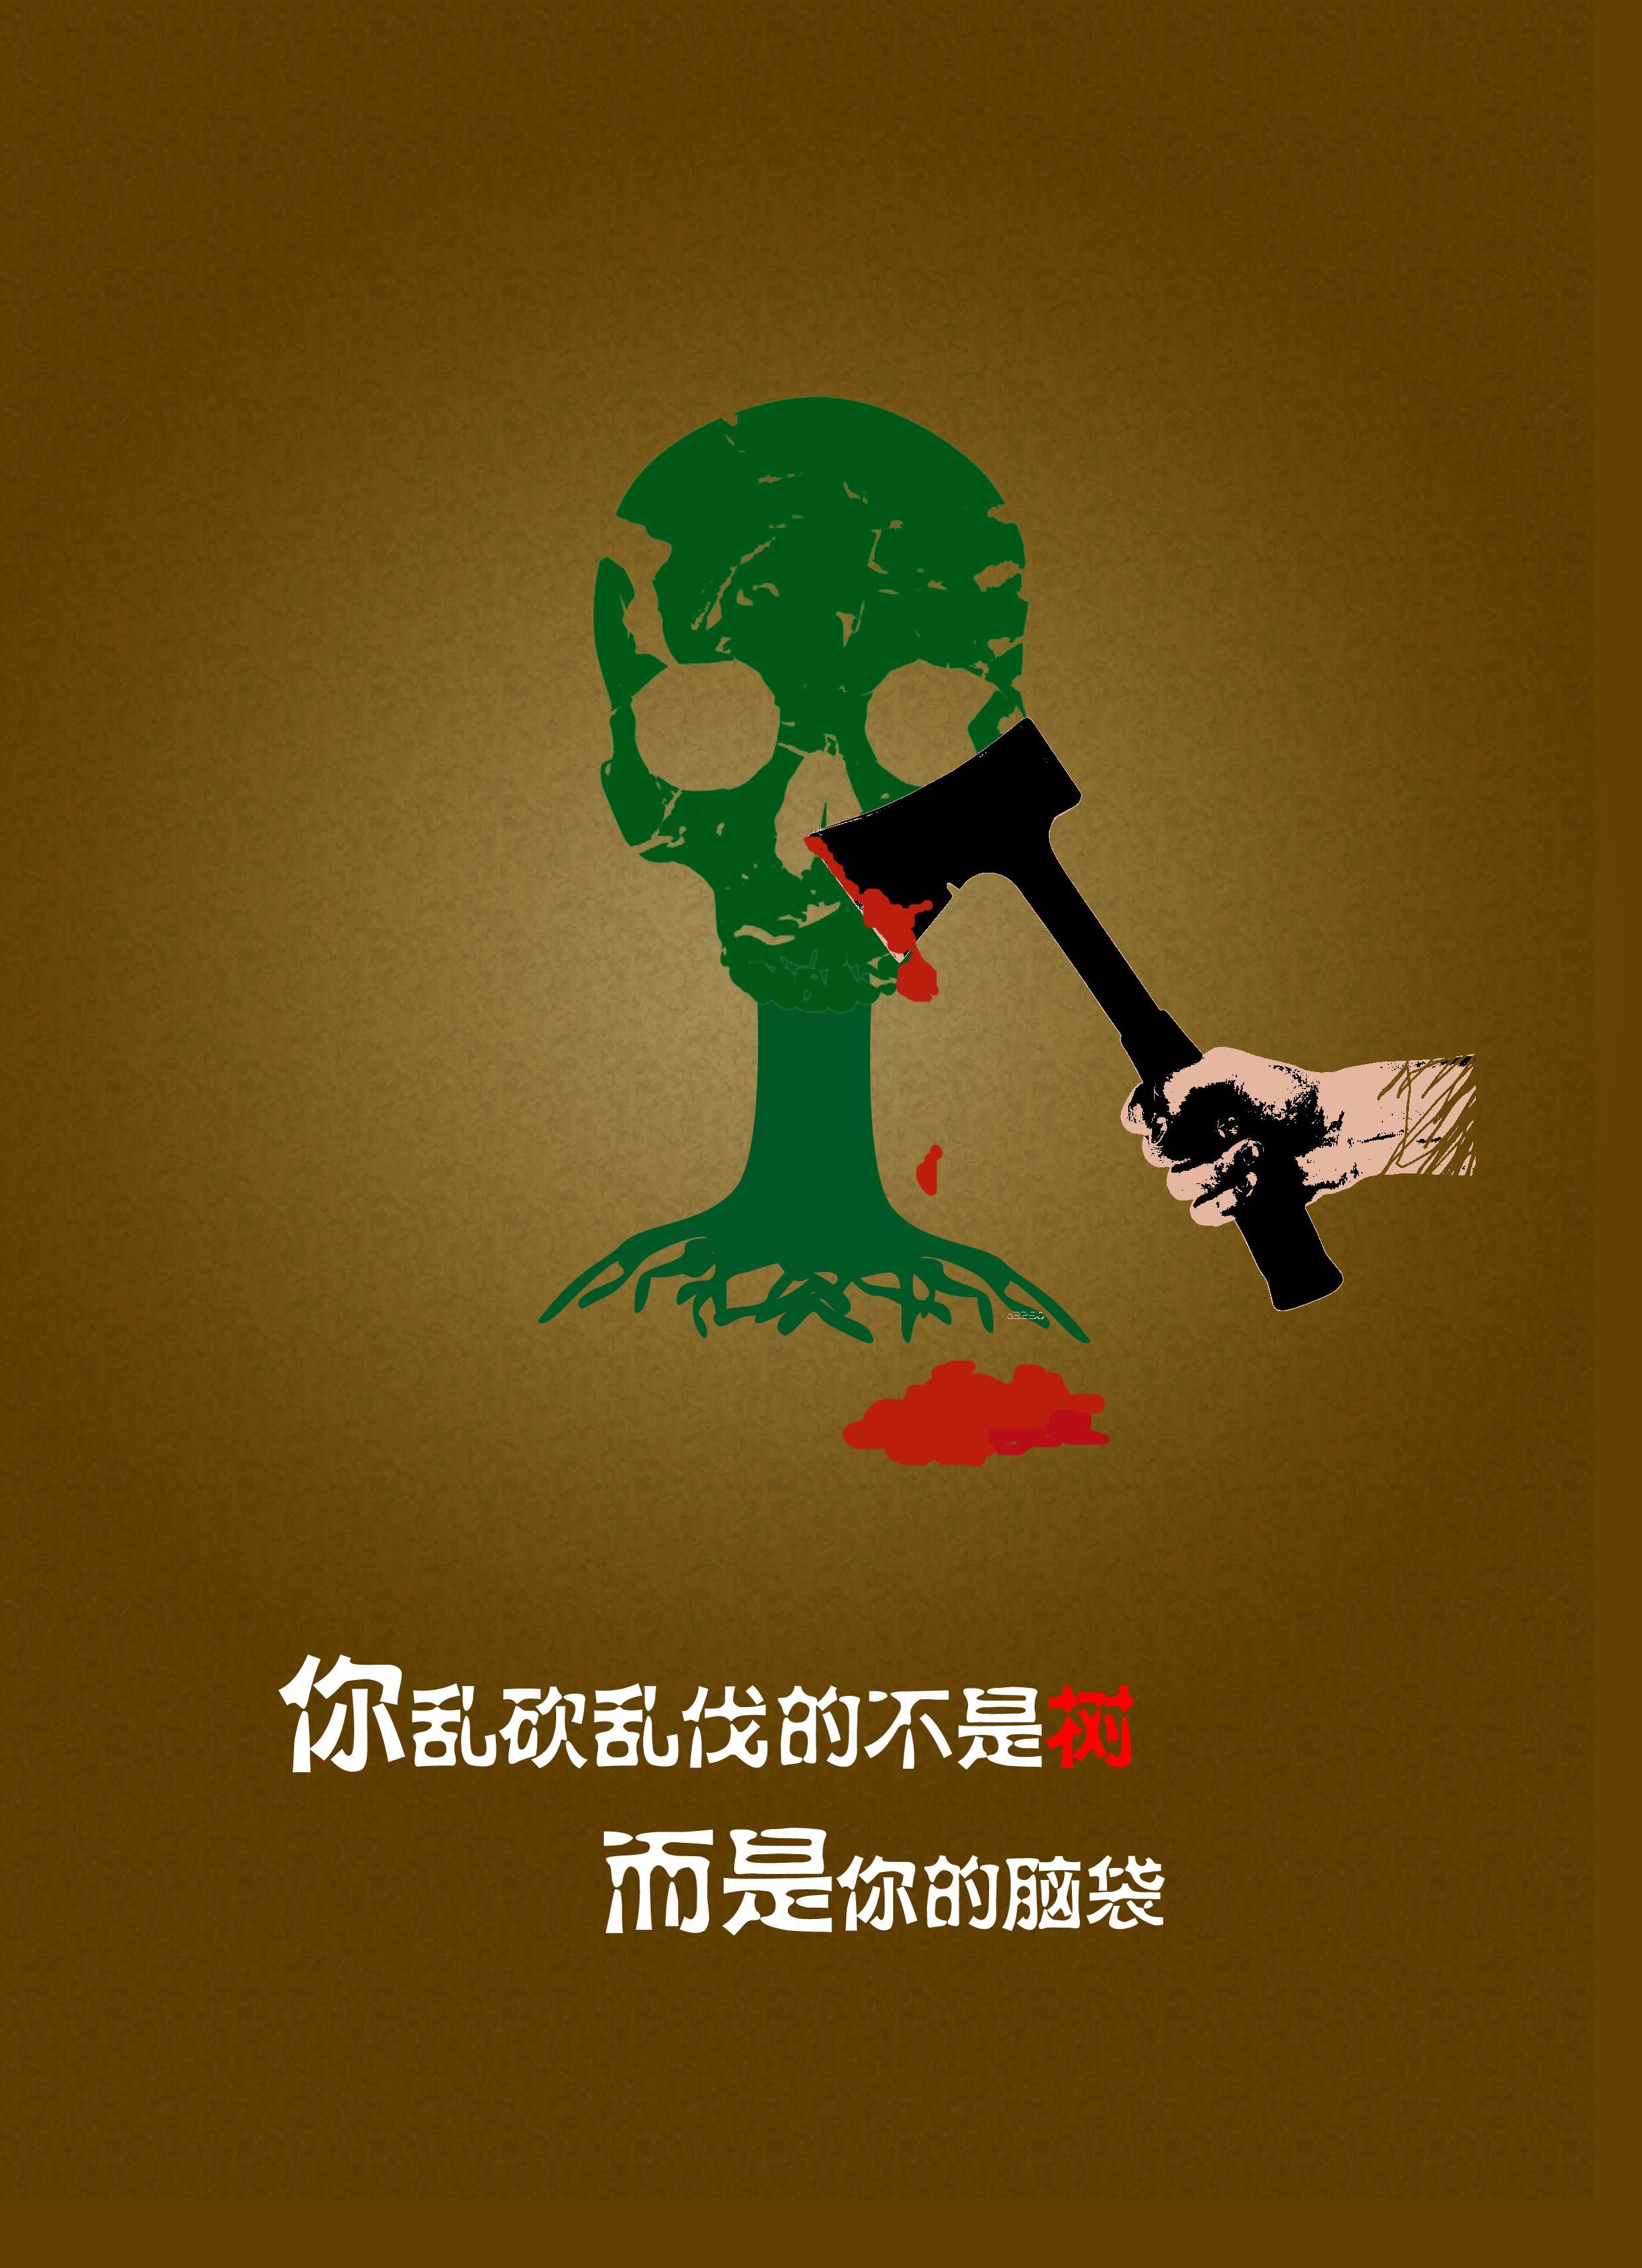 创意ps海报设计